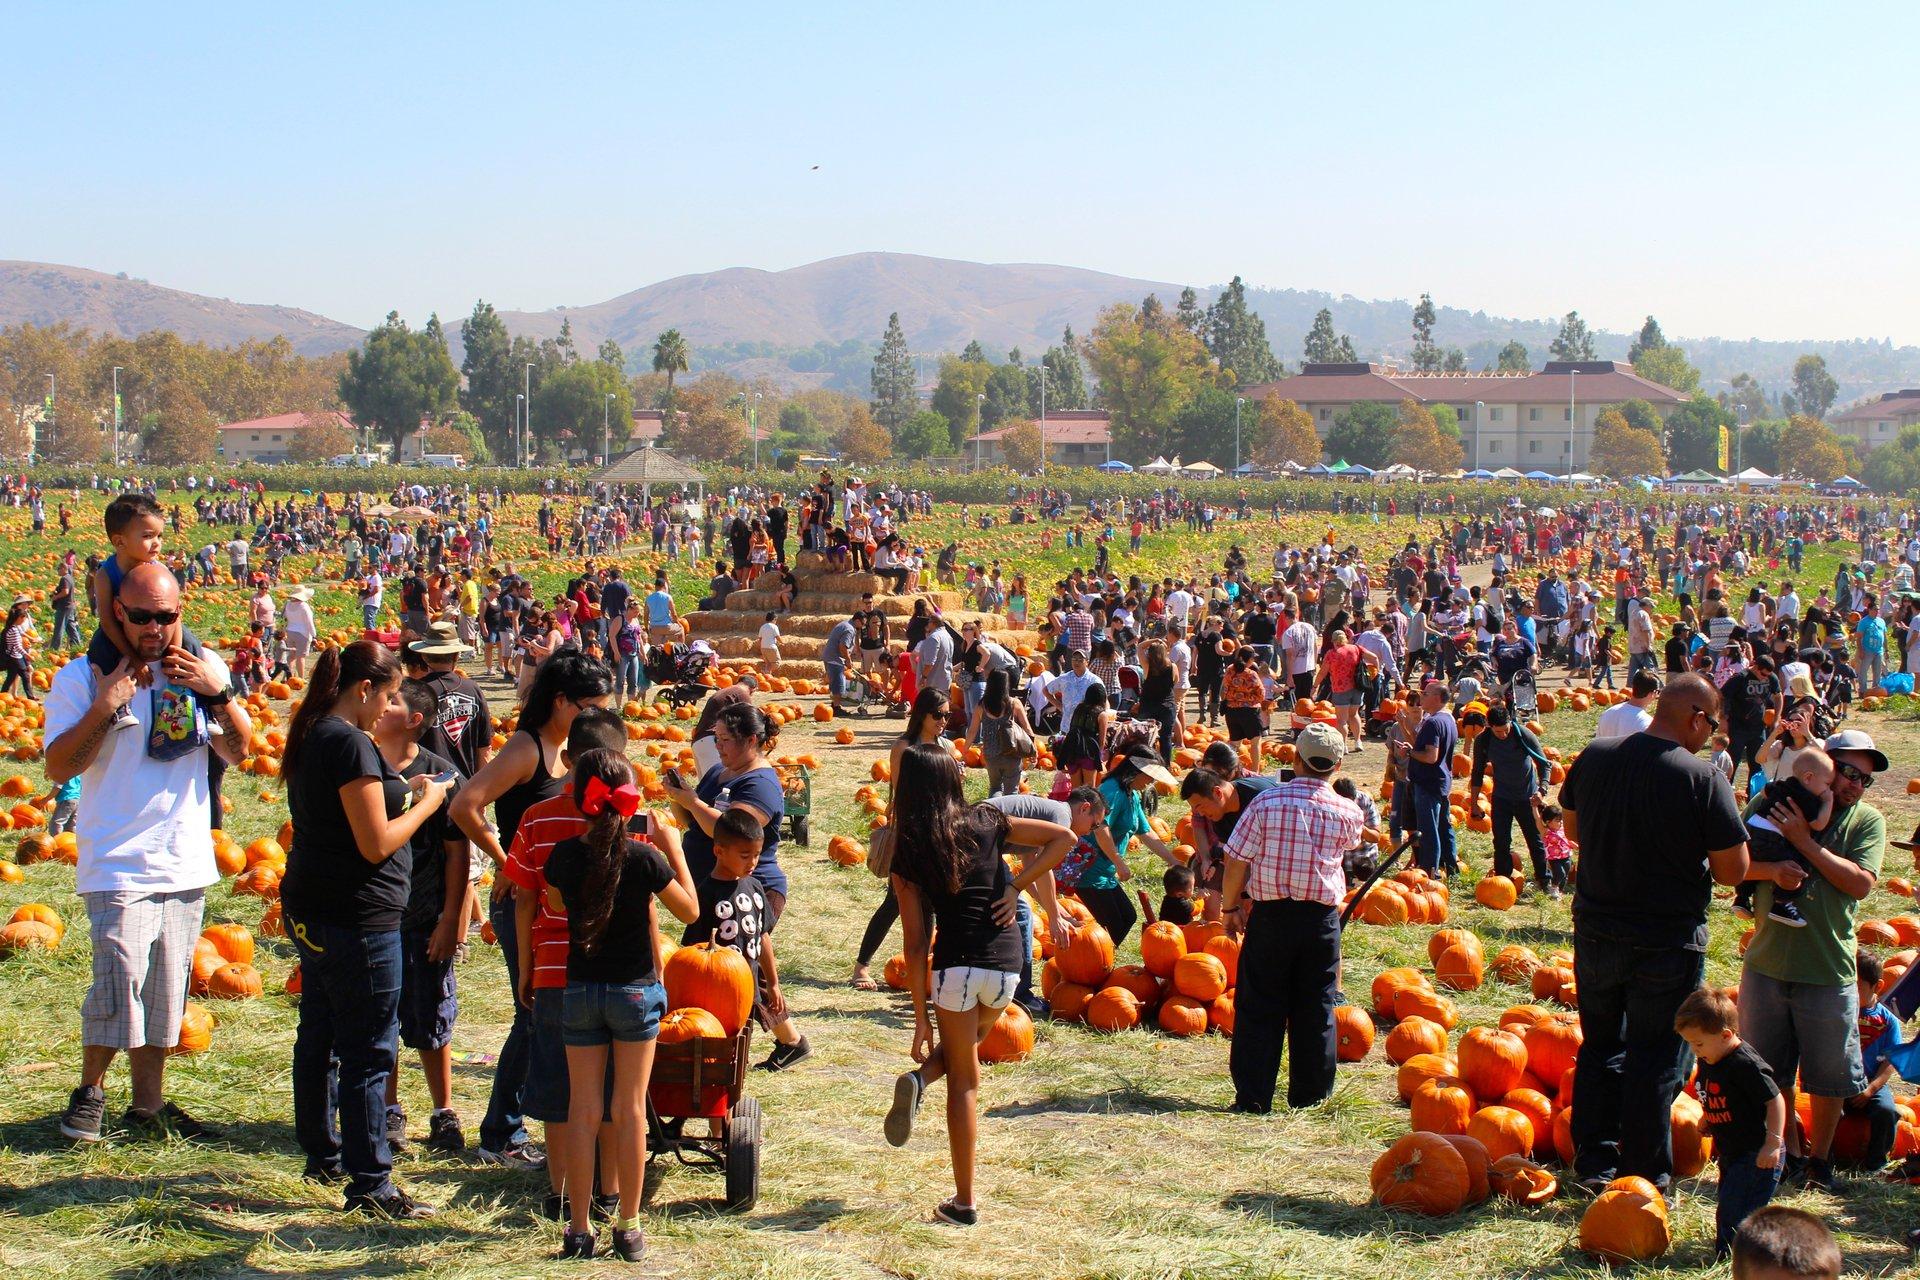 Cal Poly Pomona Pumpkin Festival in Los Angeles - Best Season 2020